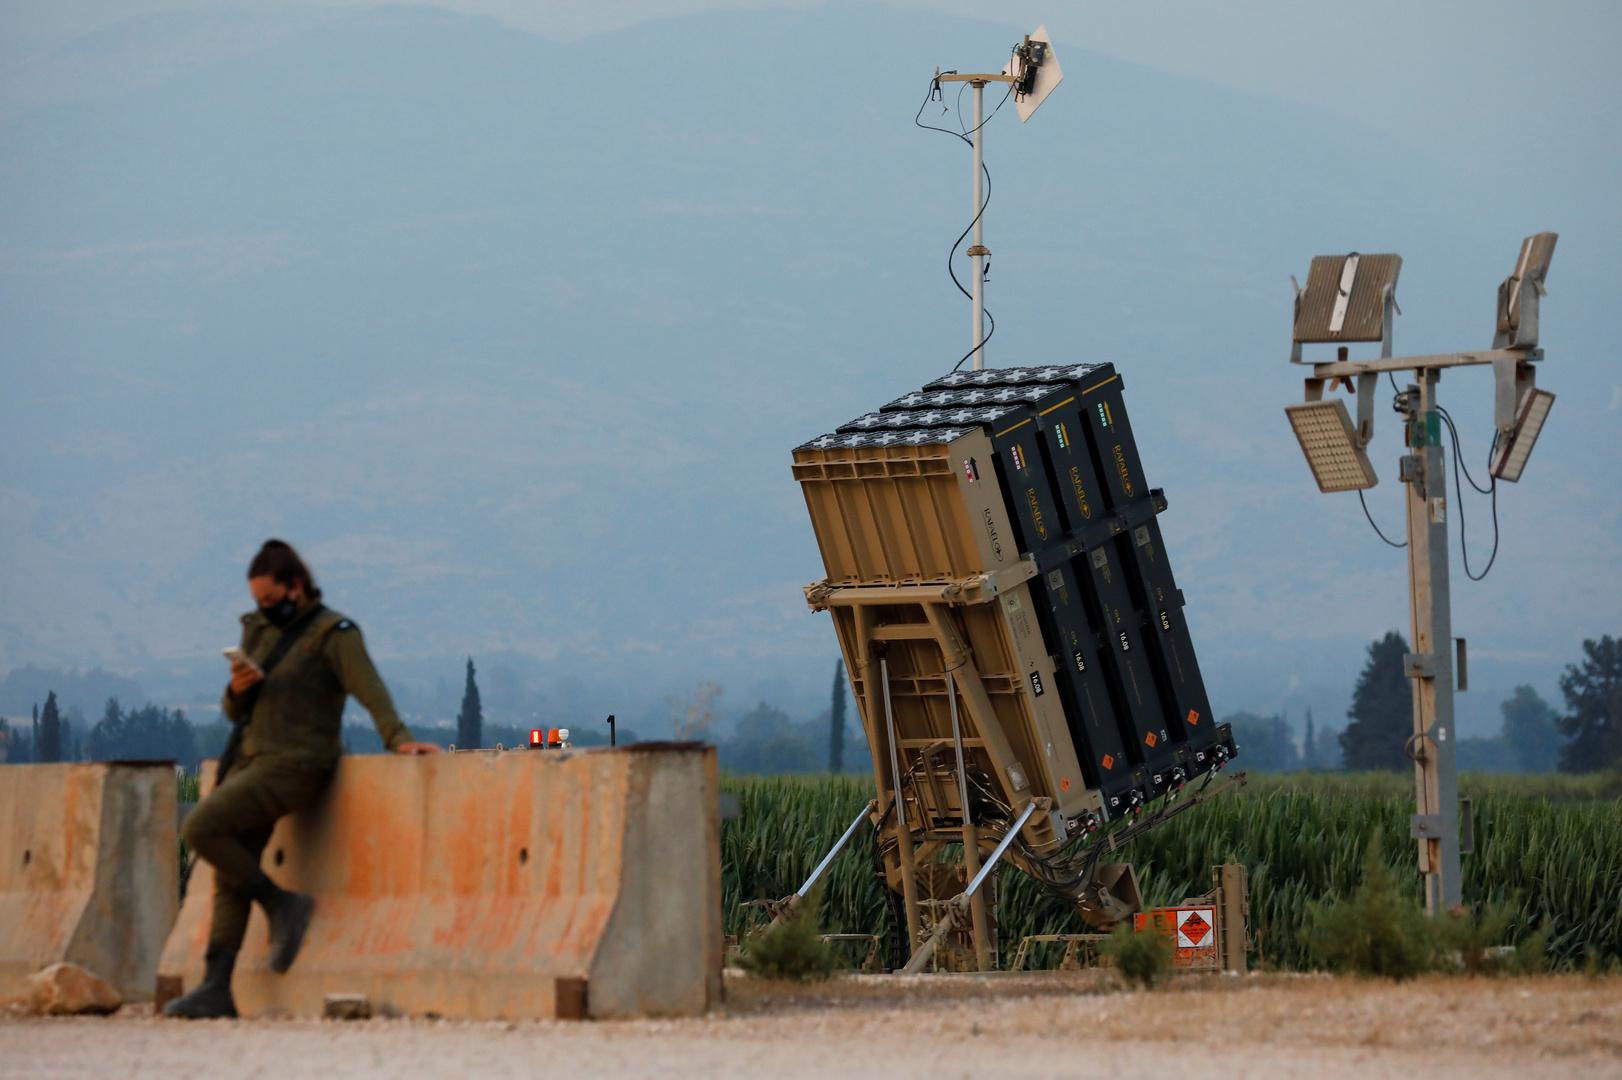 الجيش الإسرائيلي يعلن قصفه أراضي لبنانية ردا على إطلاق 3 صواريخ